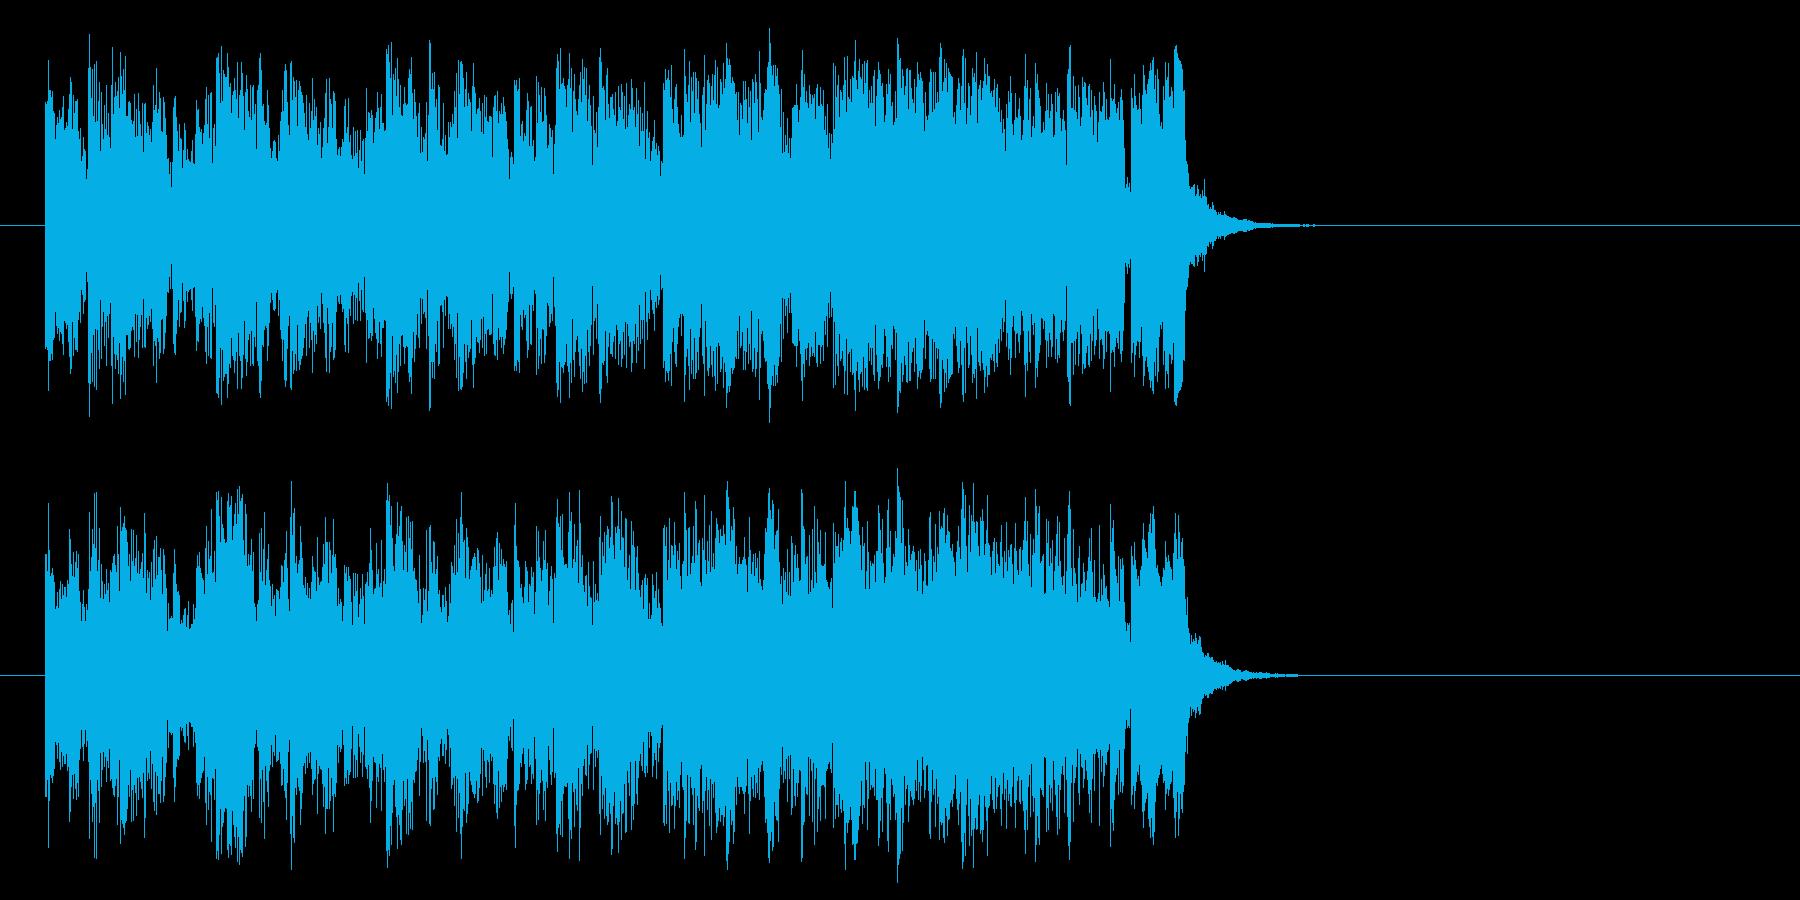 明るいオープニングポップ(サビ)の再生済みの波形